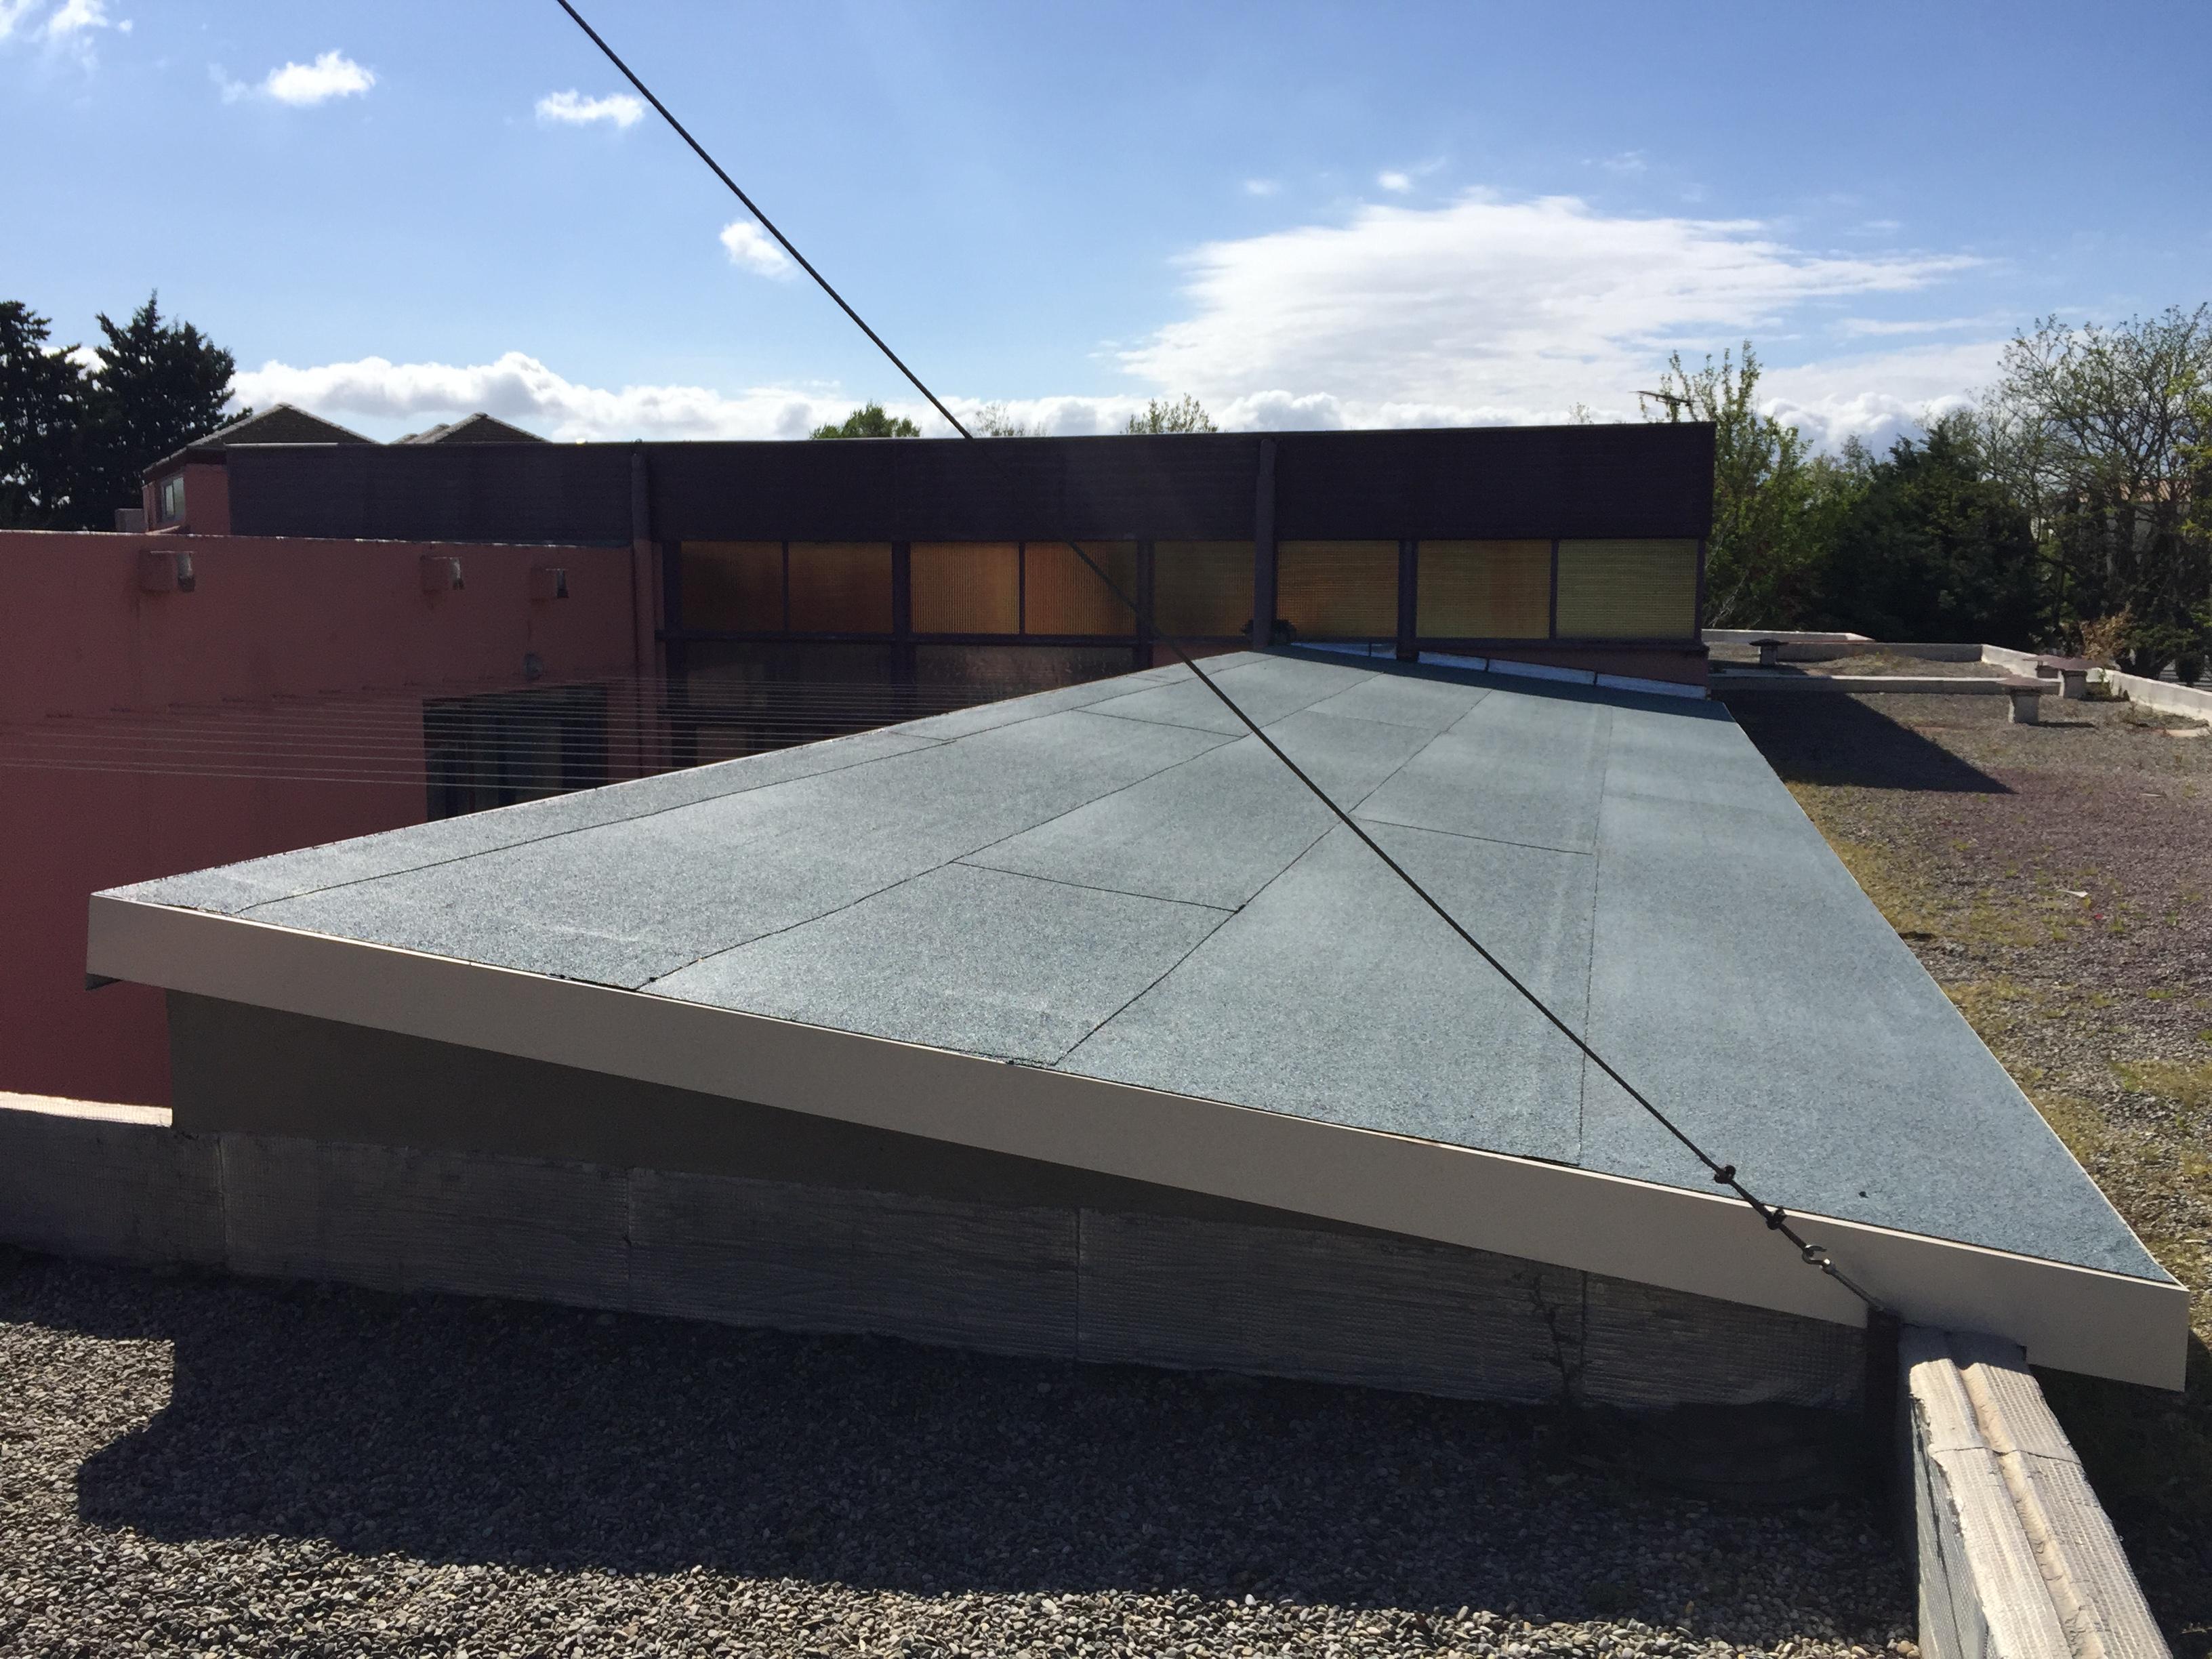 barale artisan spà cialiste de la couverture de toit terrasse à arles